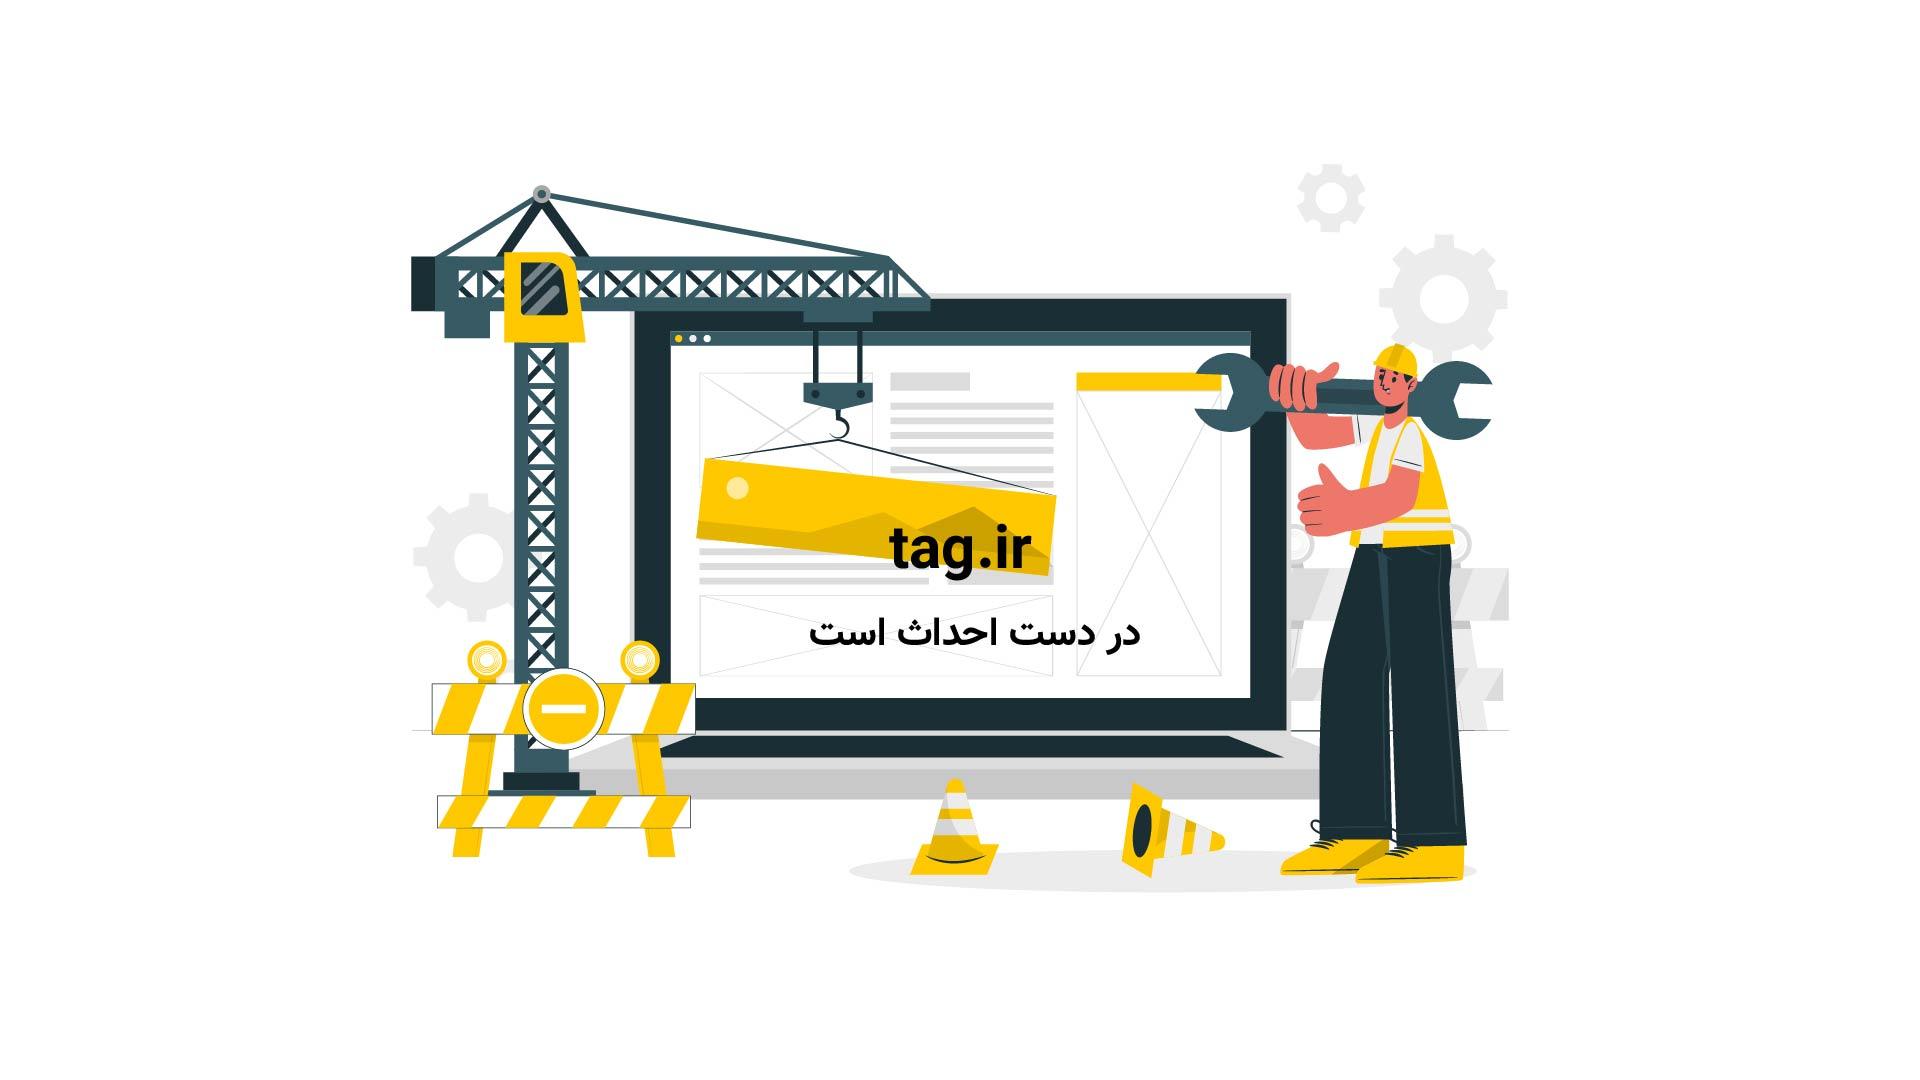 مرز-مکزیک-آمریکا | تگ